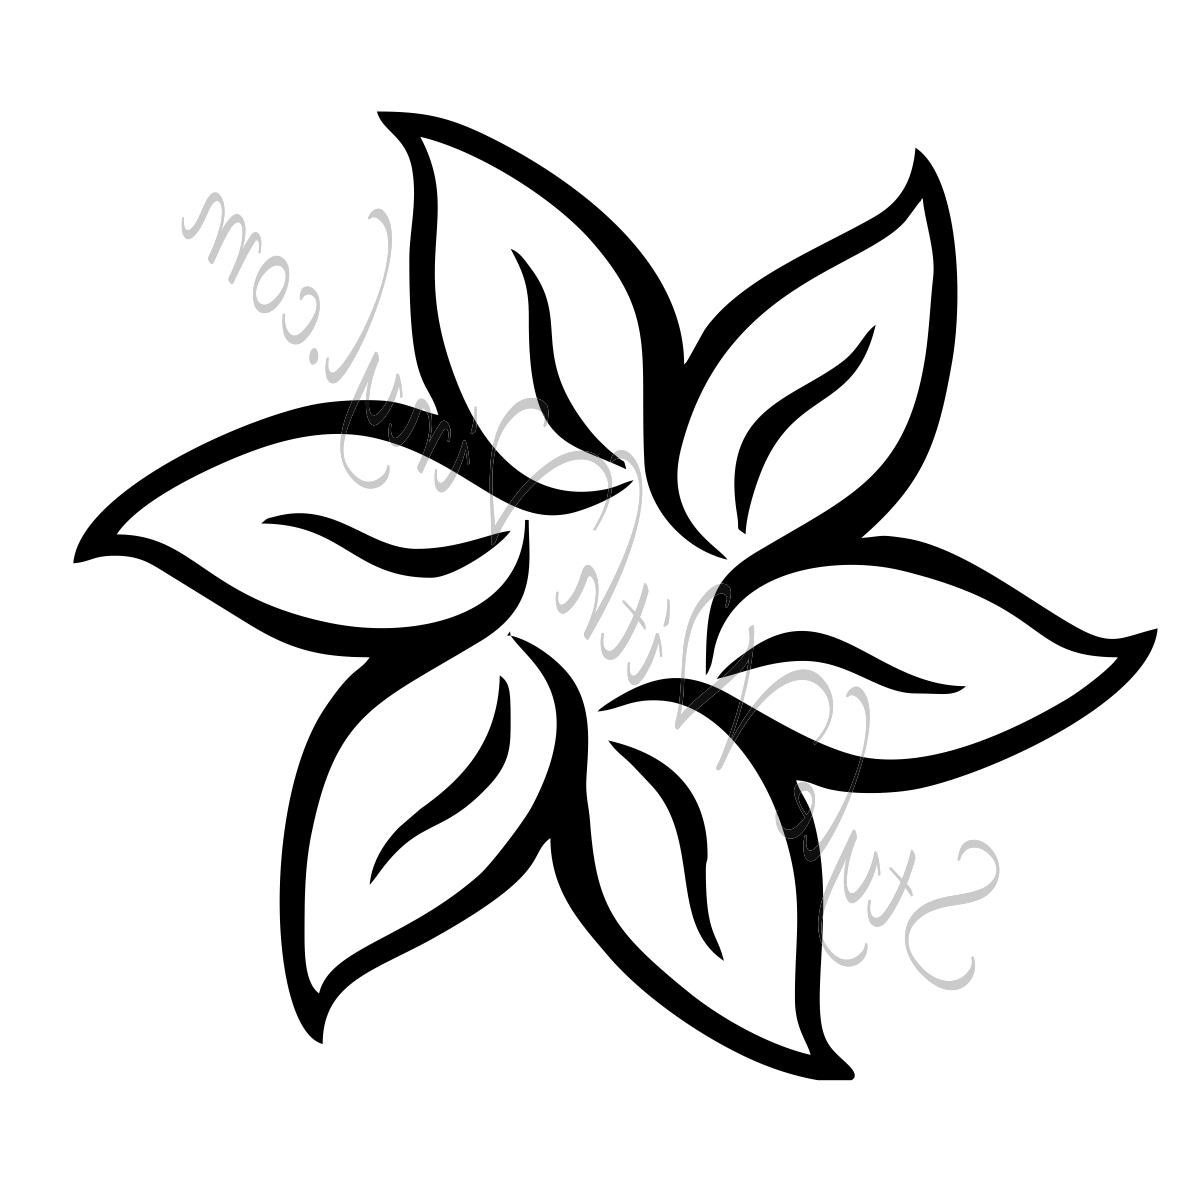 1200x1200 Cute Easy Drawings Of Flowers